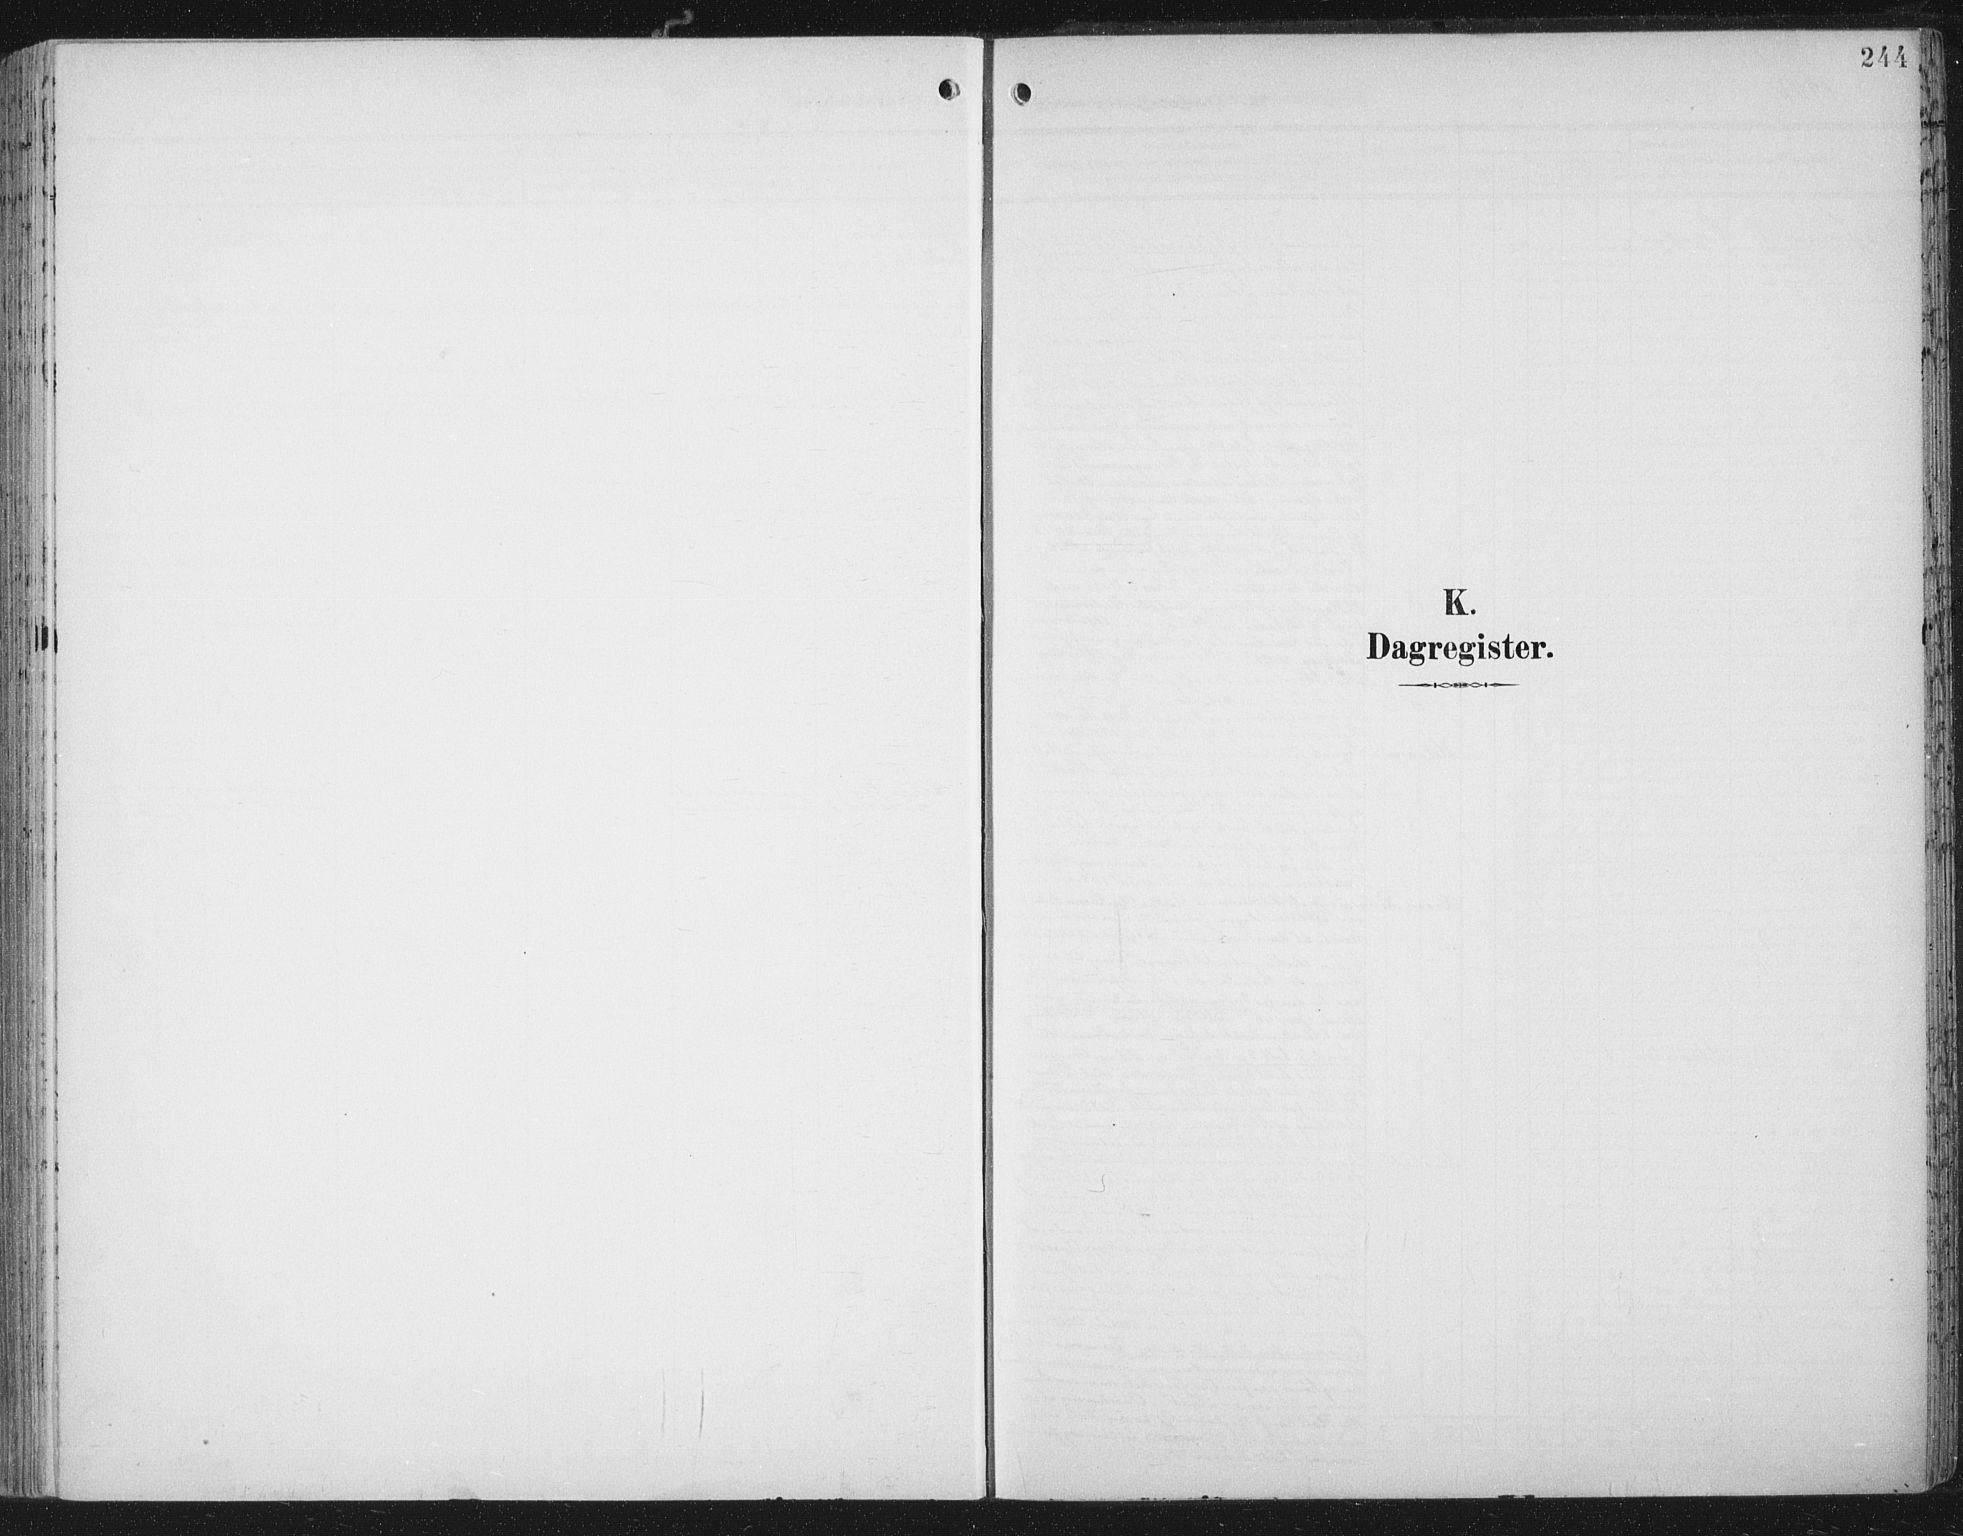 SAT, Ministerialprotokoller, klokkerbøker og fødselsregistre - Nord-Trøndelag, 701/L0011: Ministerialbok nr. 701A11, 1899-1915, s. 244